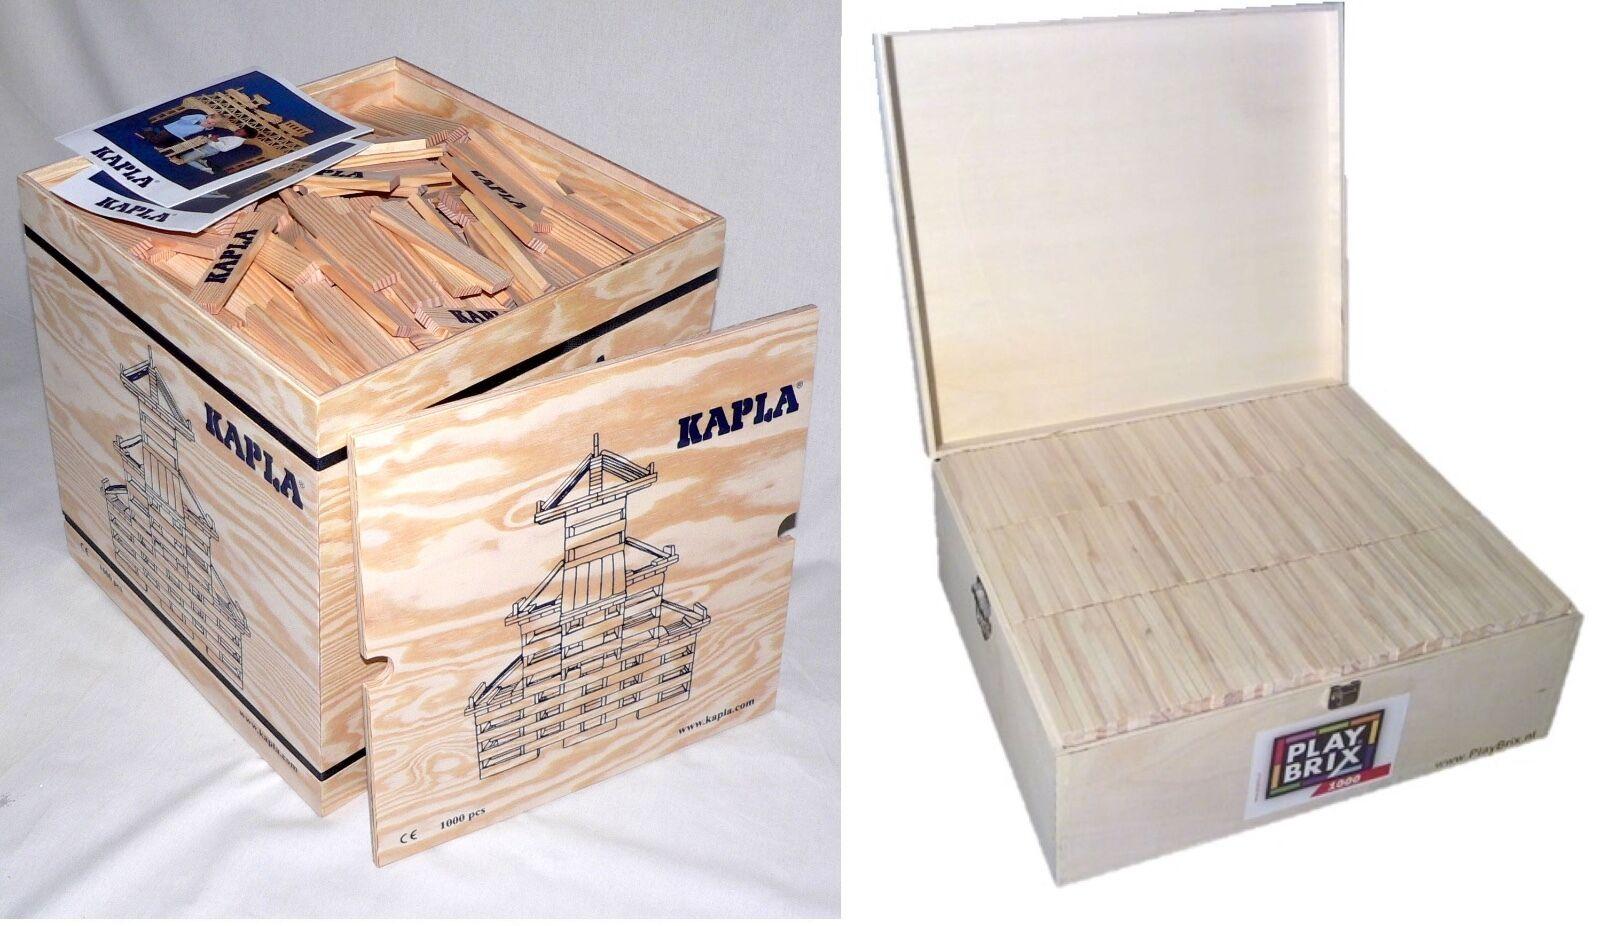 Holzbausteine Bauklötze Spielsteine Markenlos oder KAPLA 1000 500 200 Holz Natur